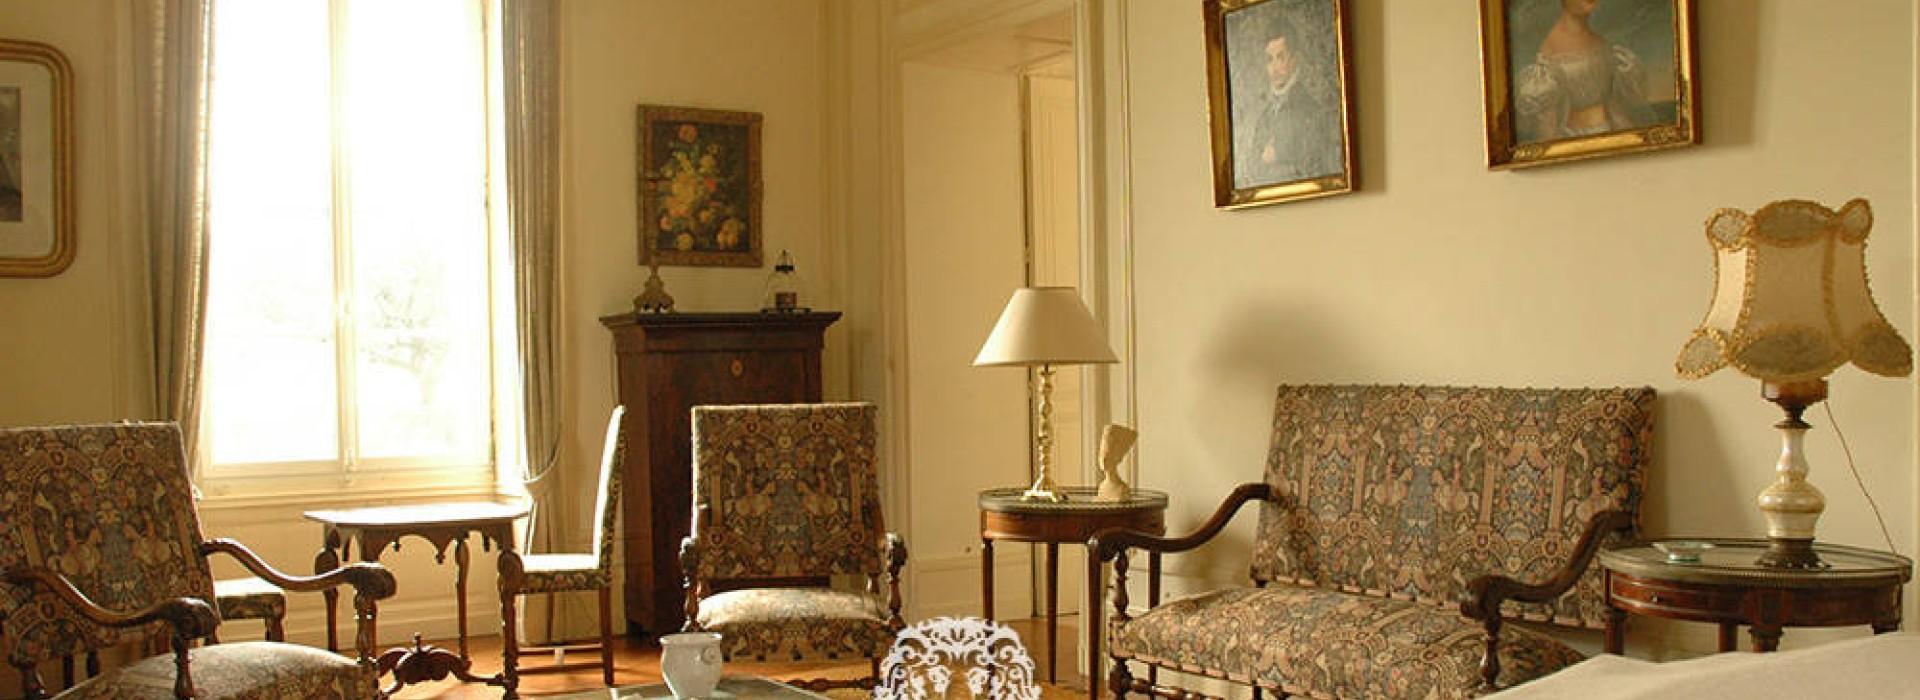 Chambre d 39 hotes au chateau saint marc chambres d 39 h tes en pays de la loire - Chambre d hote chateau de la loire ...